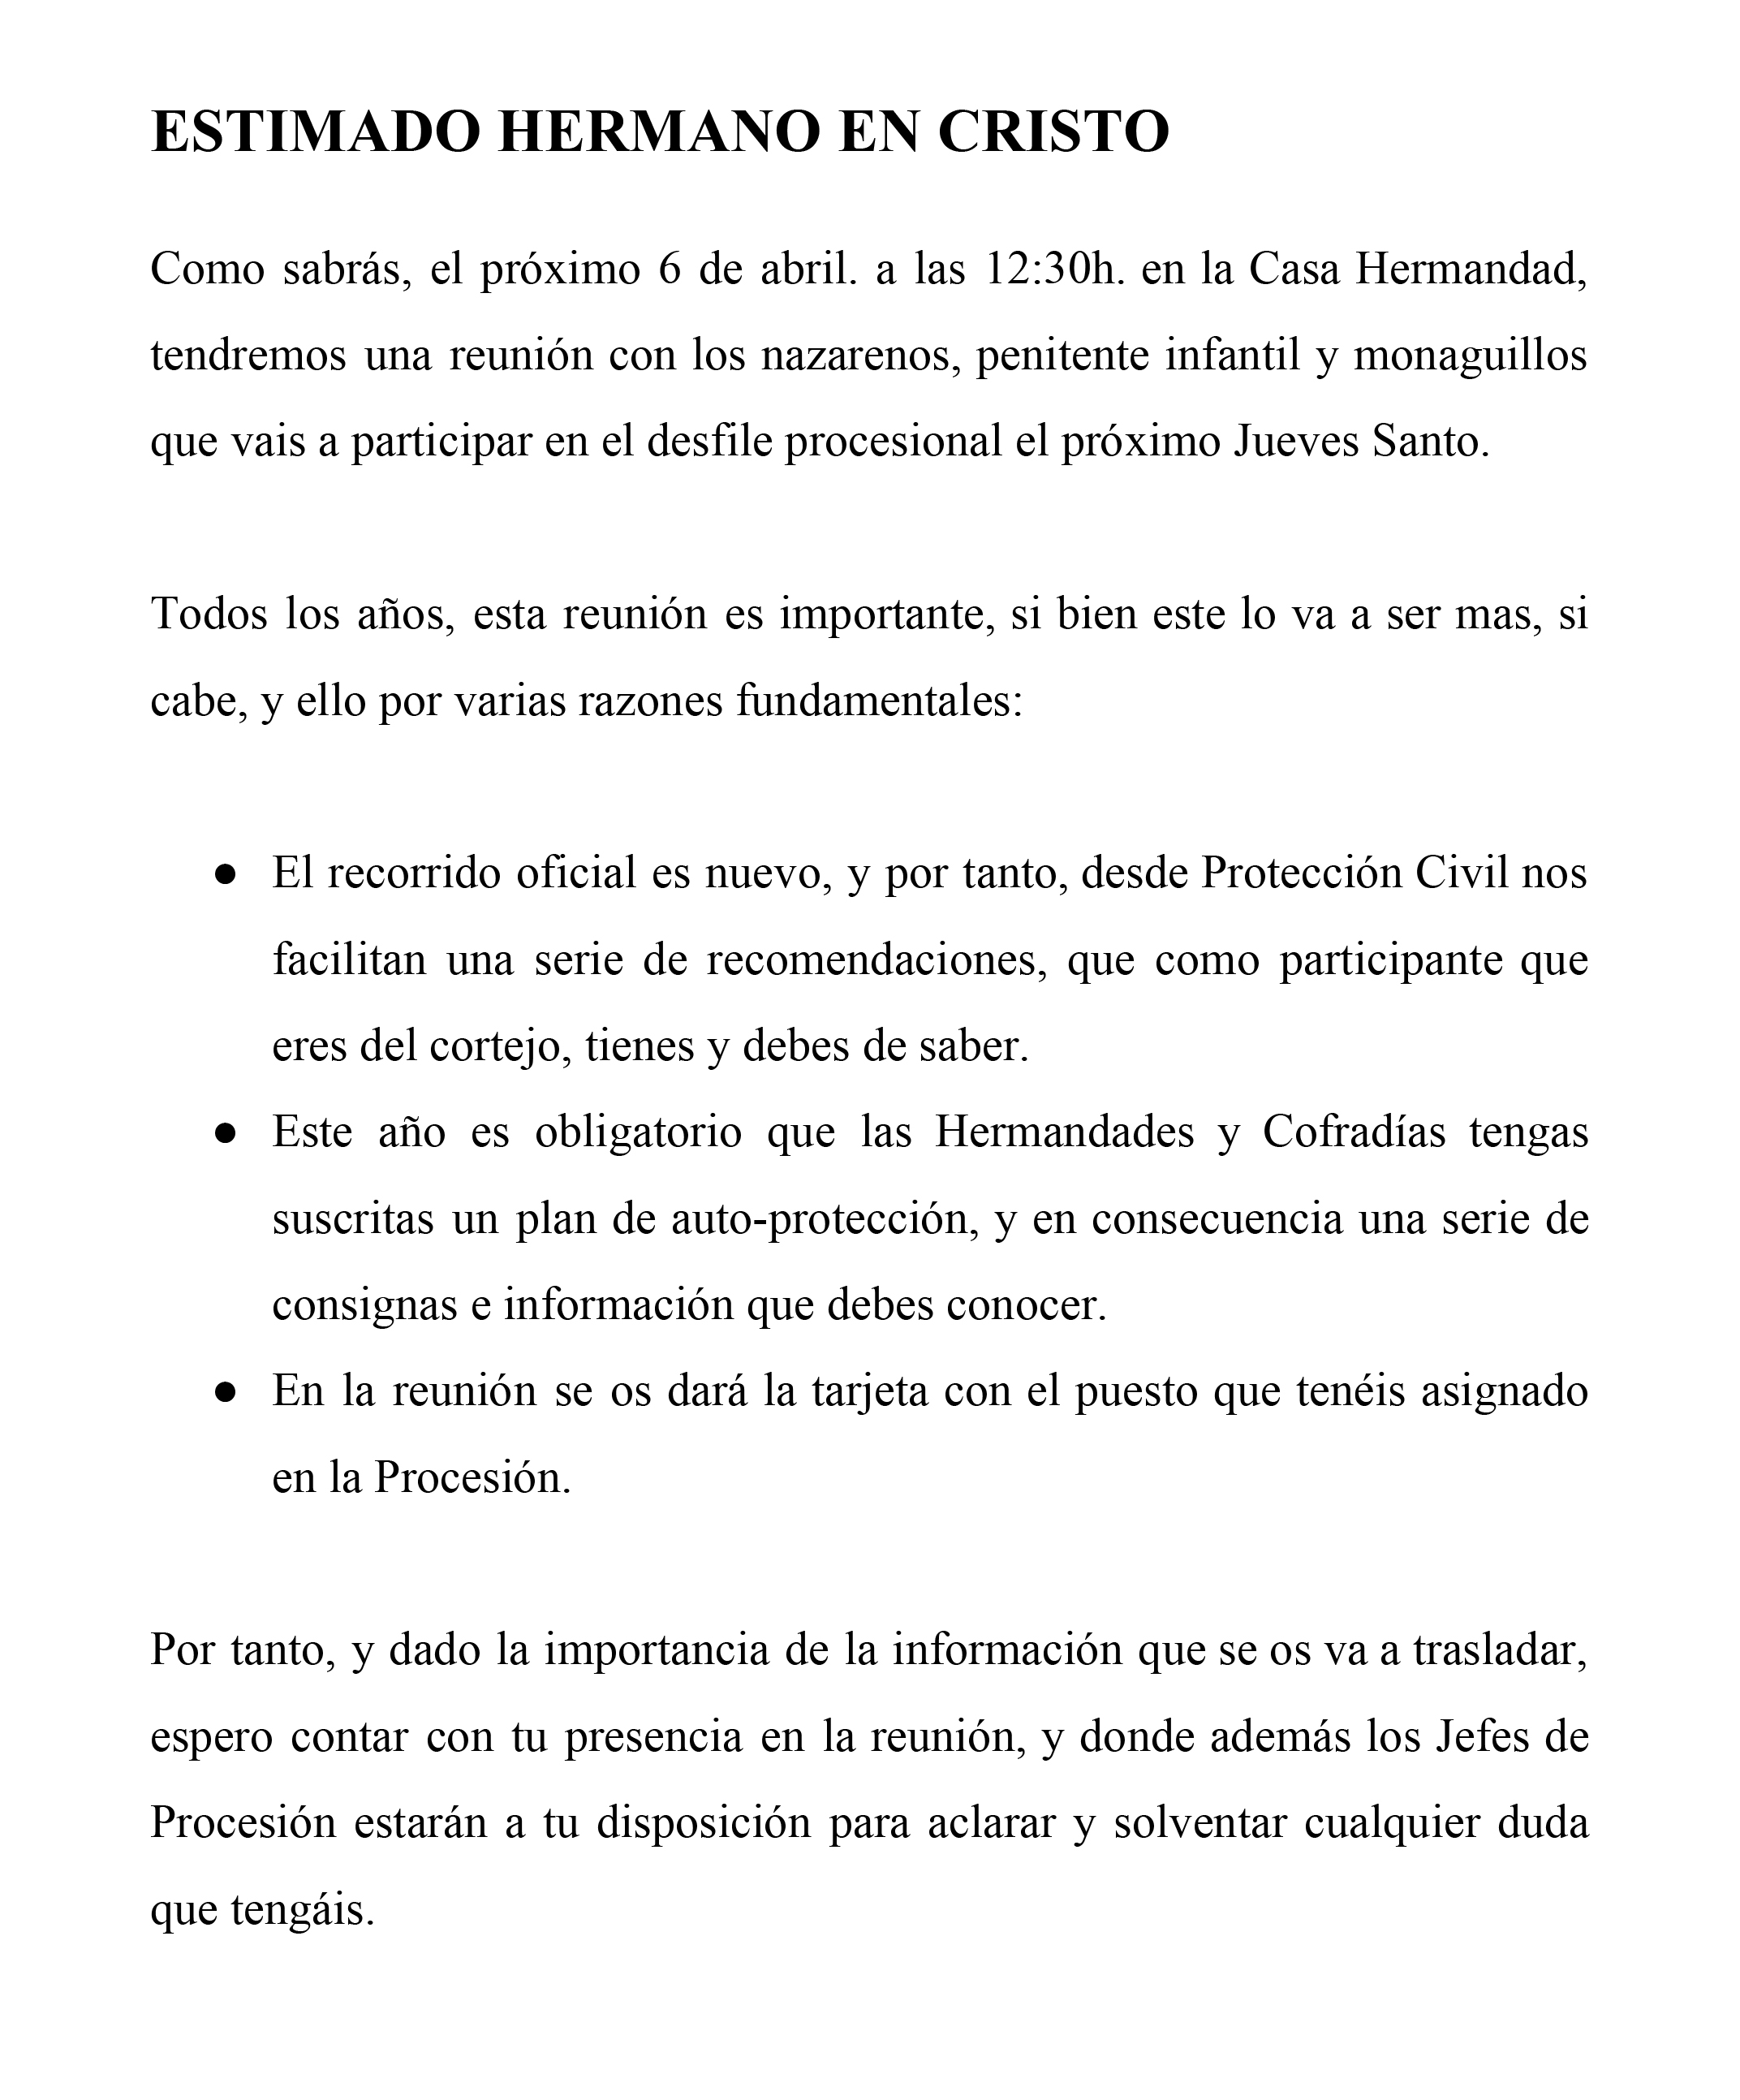 Reunión de Nazarenos que participan el próximo Jueves Santo 2019